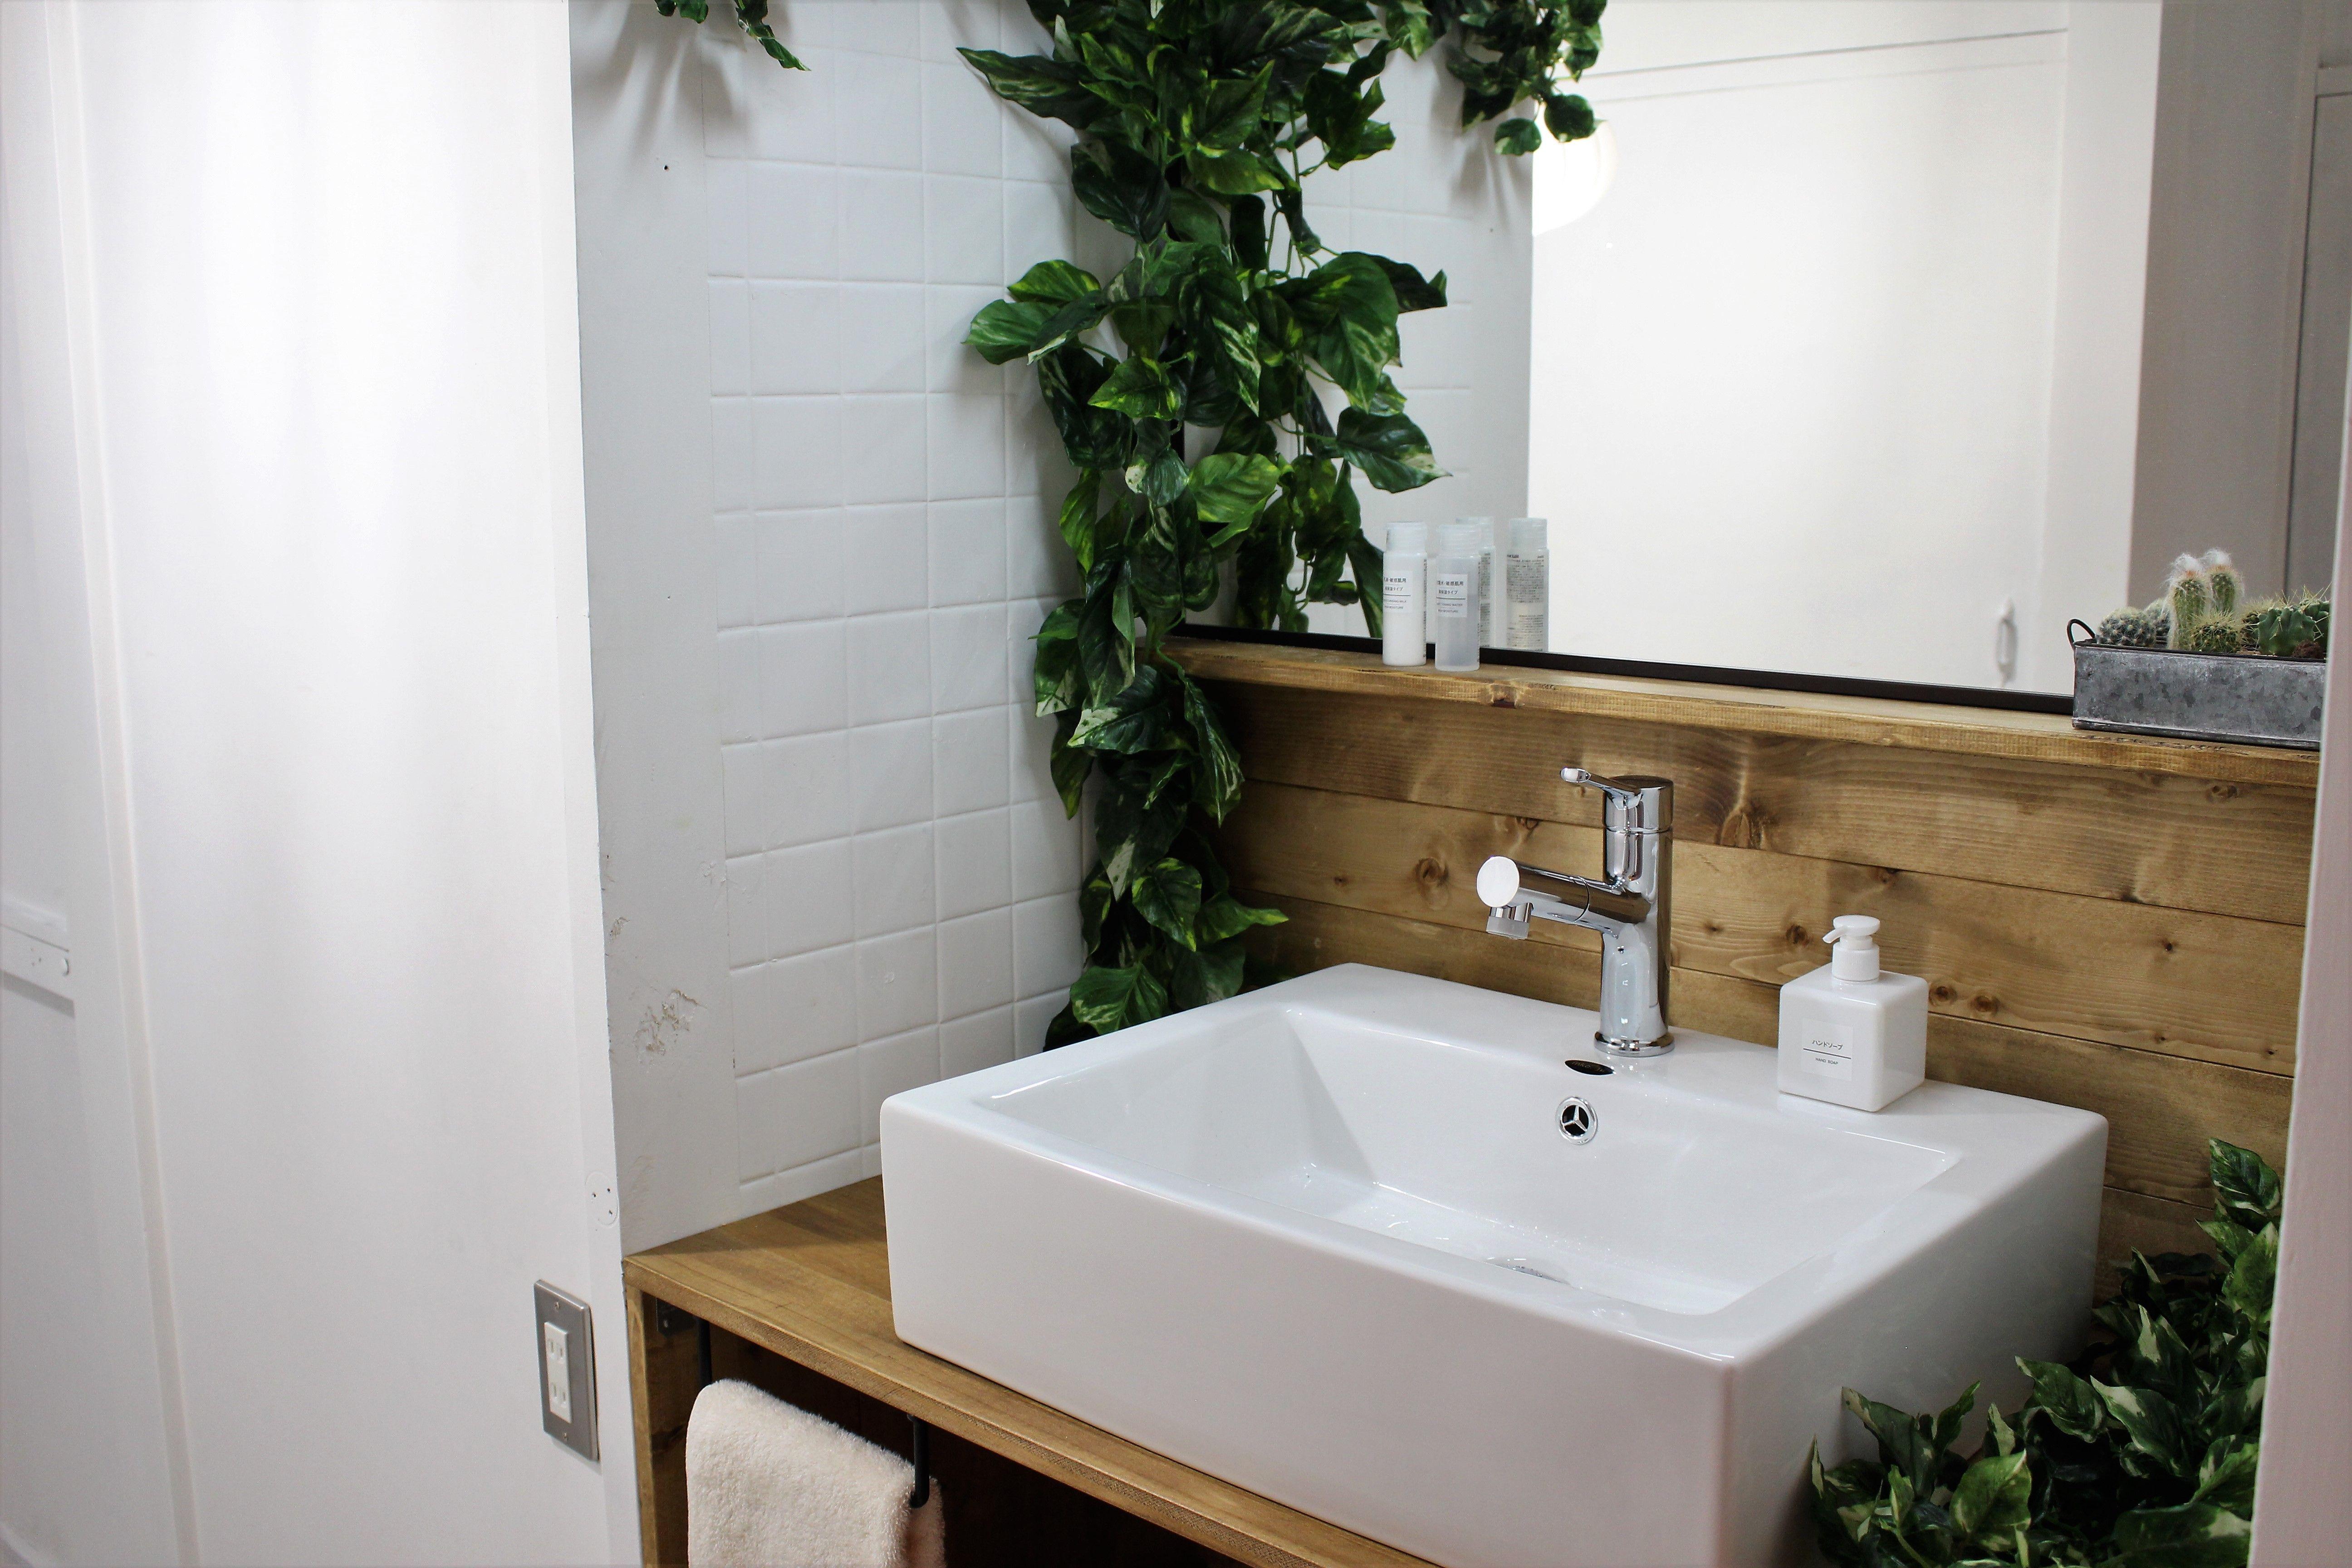 Diyで洗面化粧台を交換 洗面ボウルでおしゃれな洗面台を自作して洗面所をリフォーム 無印良品アイテムで統一 洗面化粧台 洗面ボウル 洗面